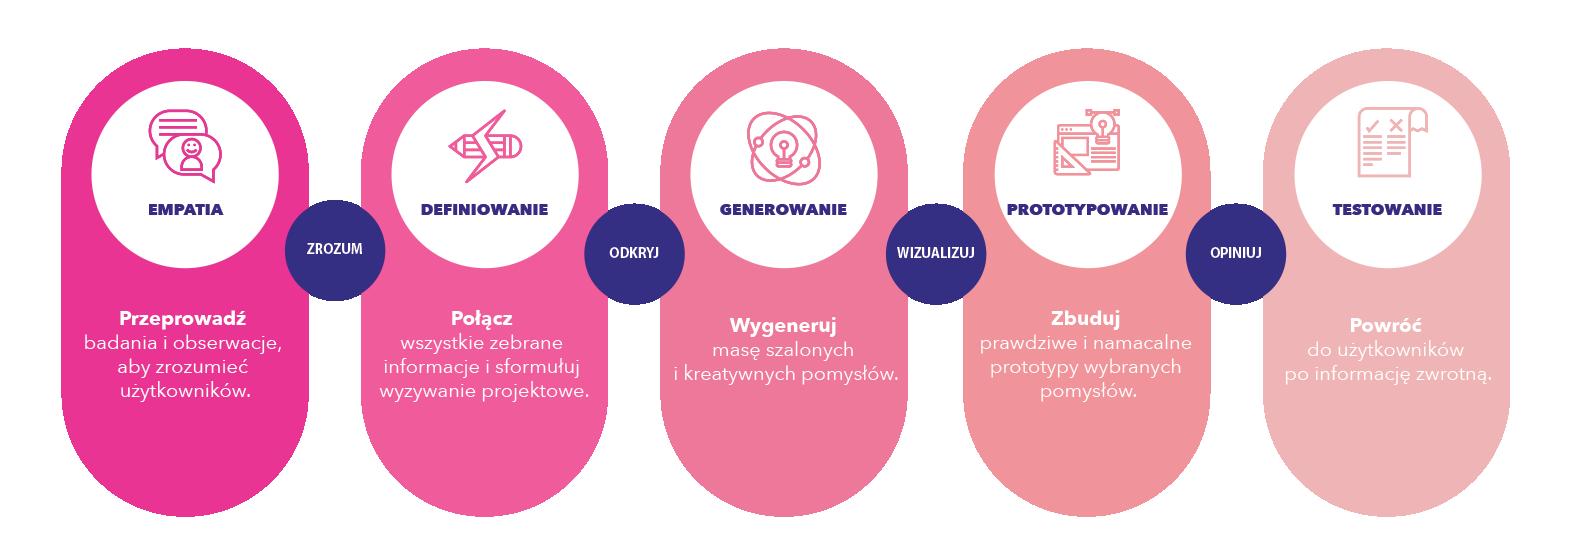 design thinking wrocław